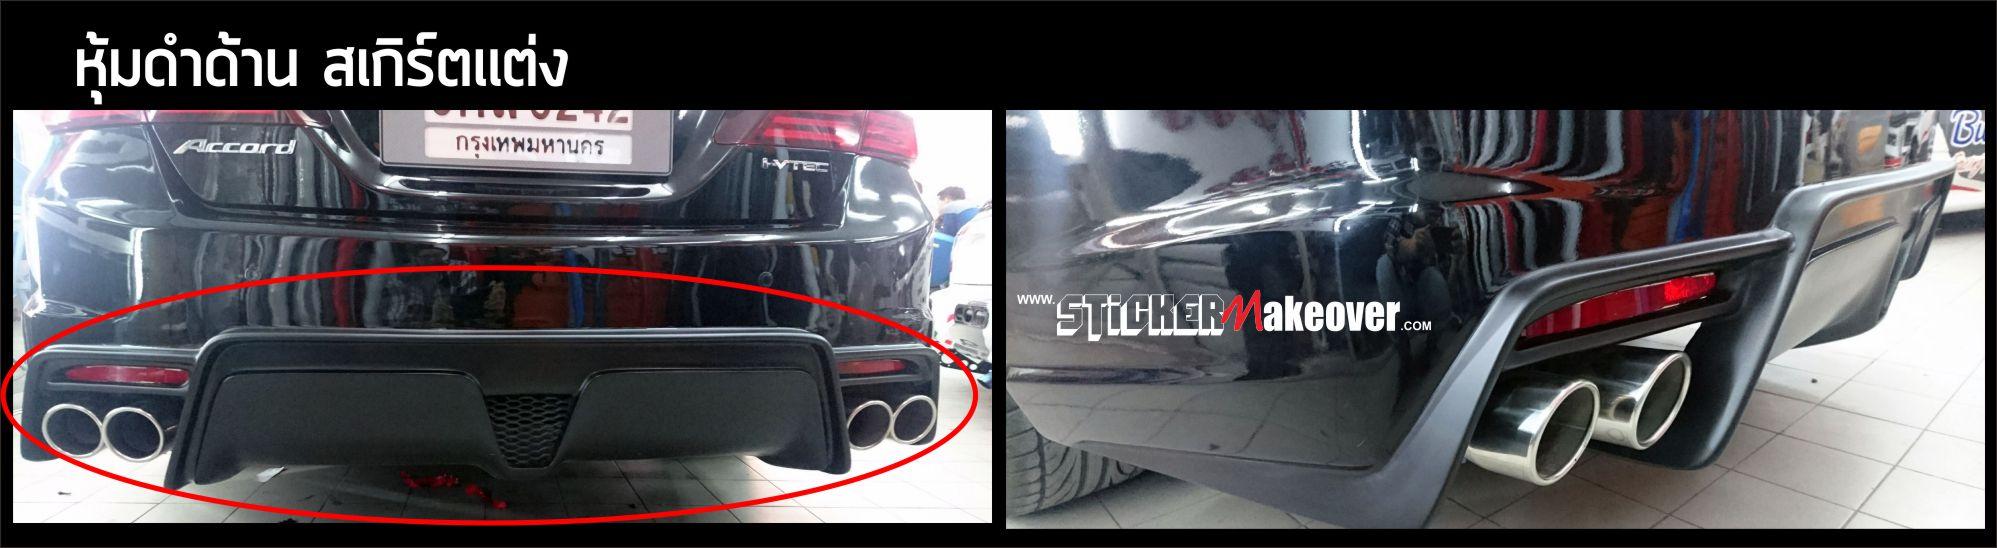 เคฟล่า6d ติดสติกเกอเคฟล่าเงา  ร์เคฟล่า หุ้มเคฟล่าภายในรถ ติดสติกเกอร์ในรถ kevlar หุ้มสติกเกอร์เคฟล่า3M  ติดเคฟล่าคอนโซล